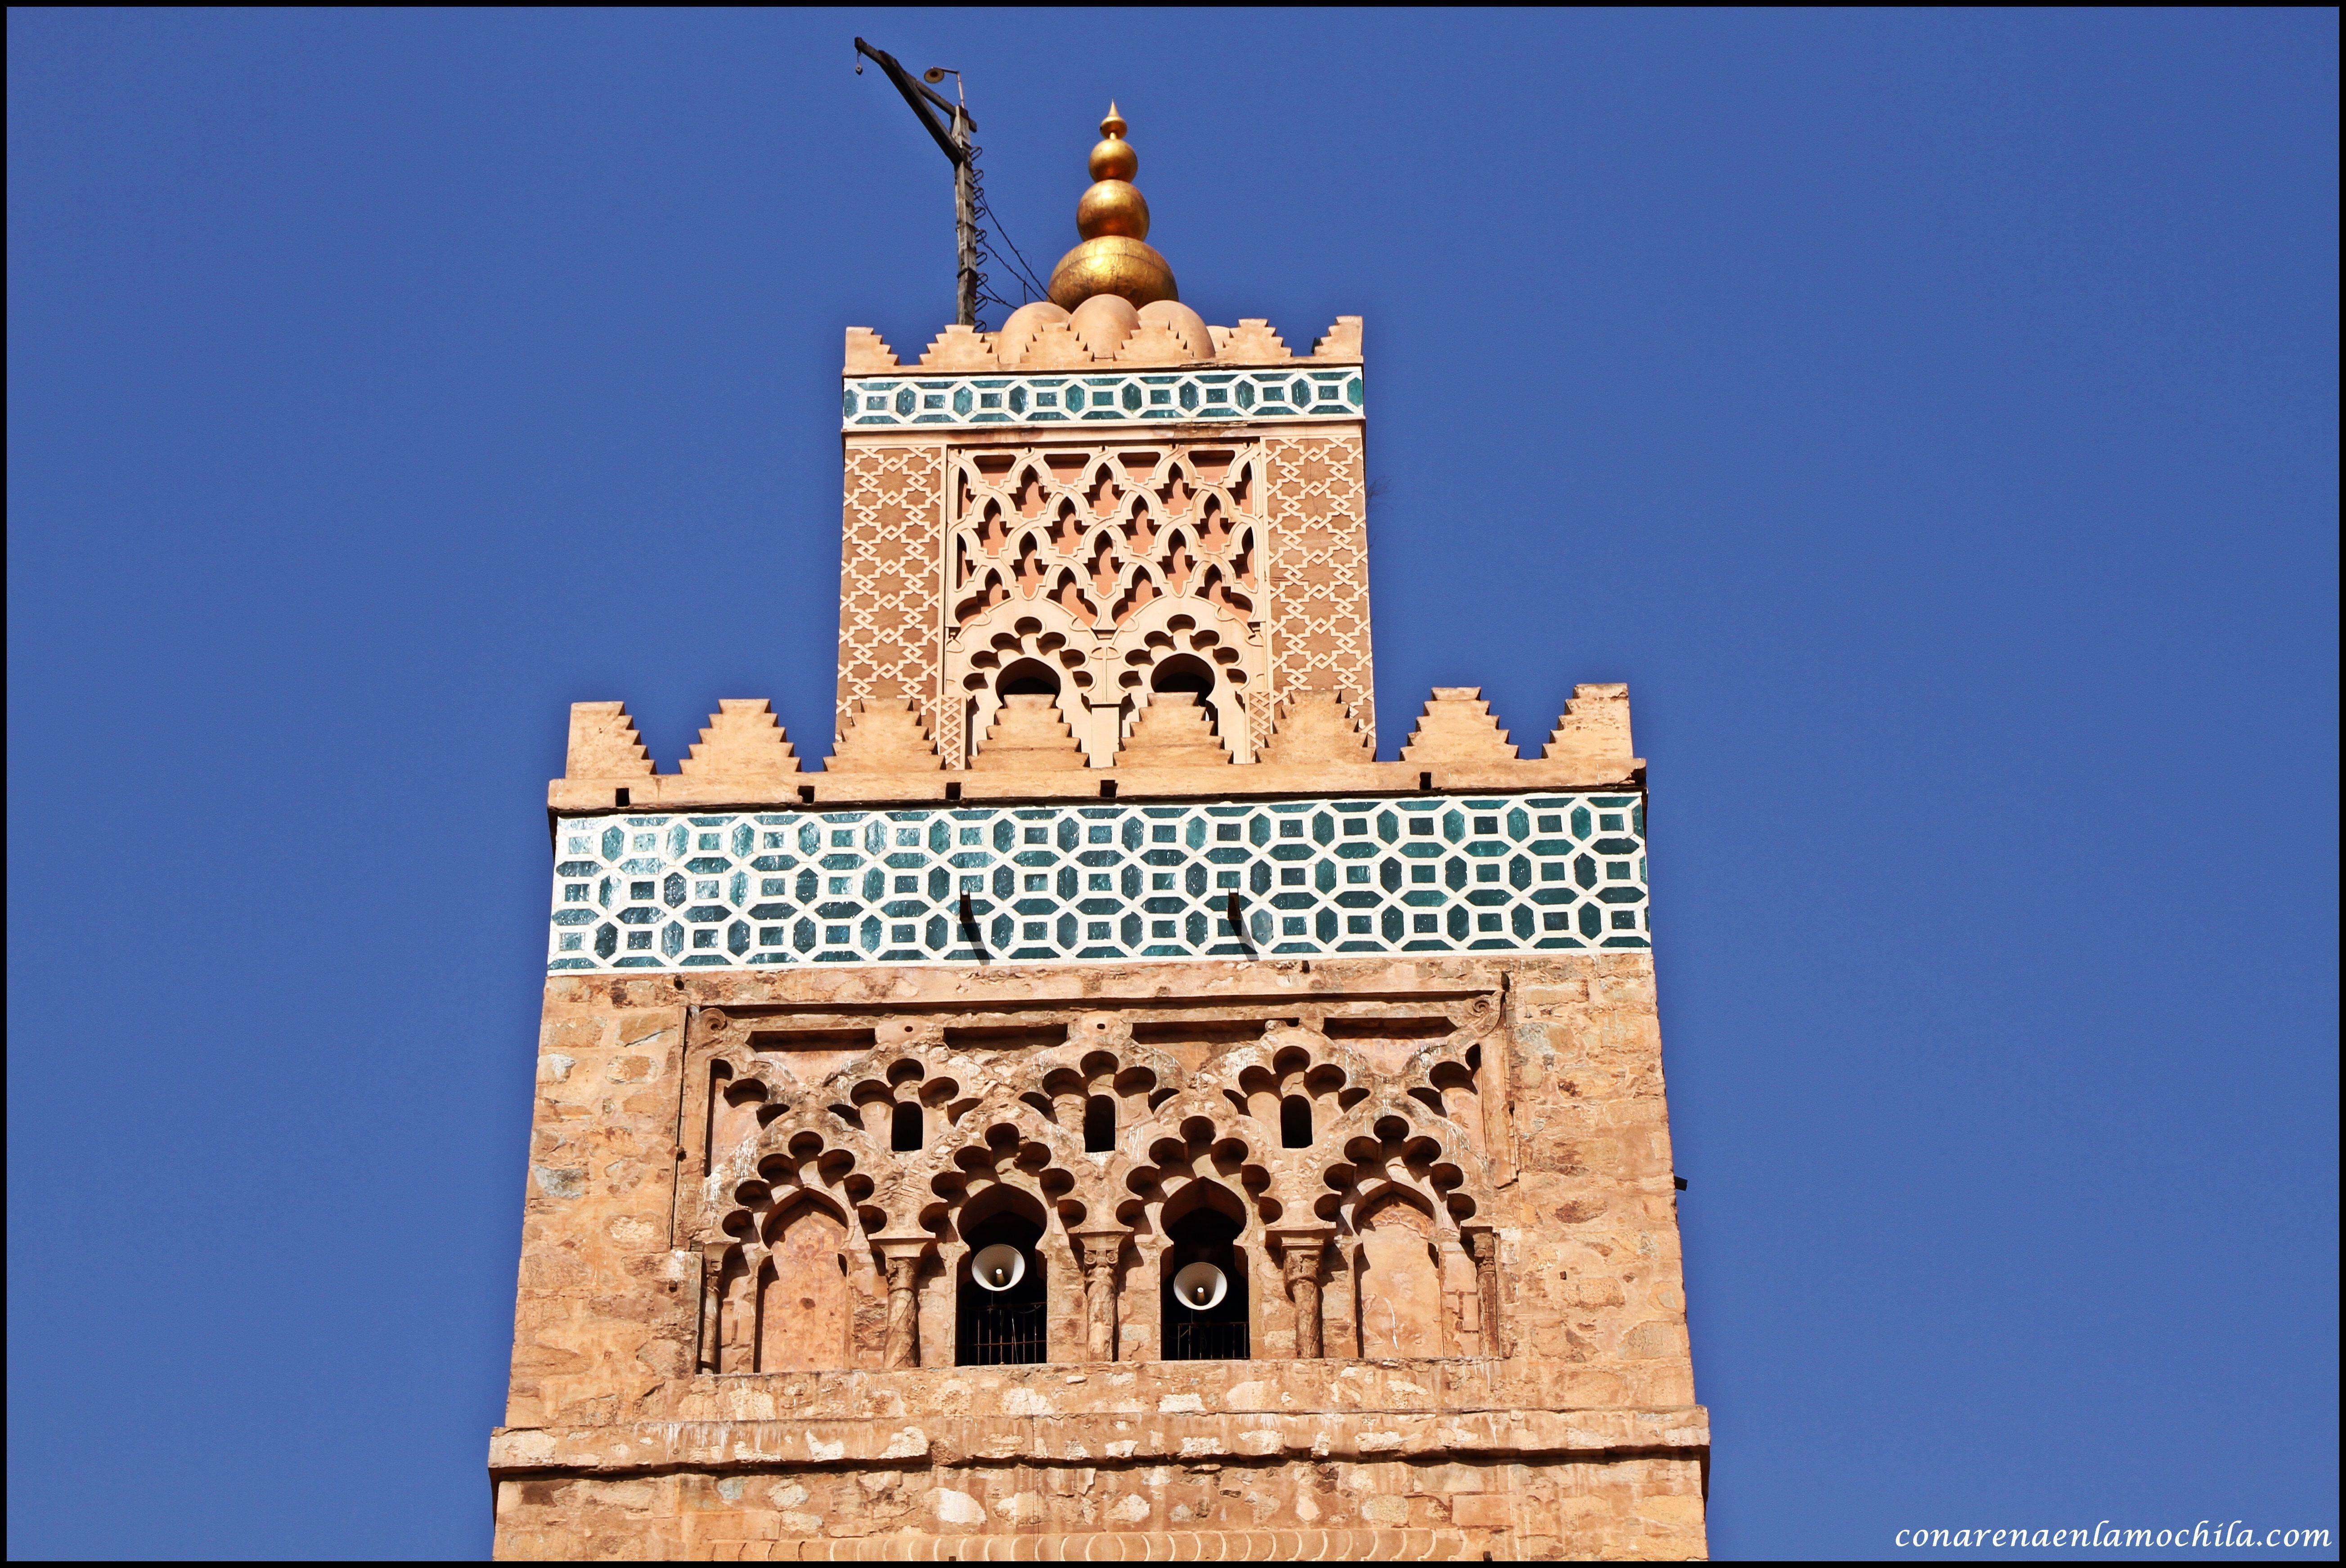 Detalle superior del alminar de la mezquita de Kutubiyya en Marrakech, con elementos decorativos como cerámica vidriada y sebka.